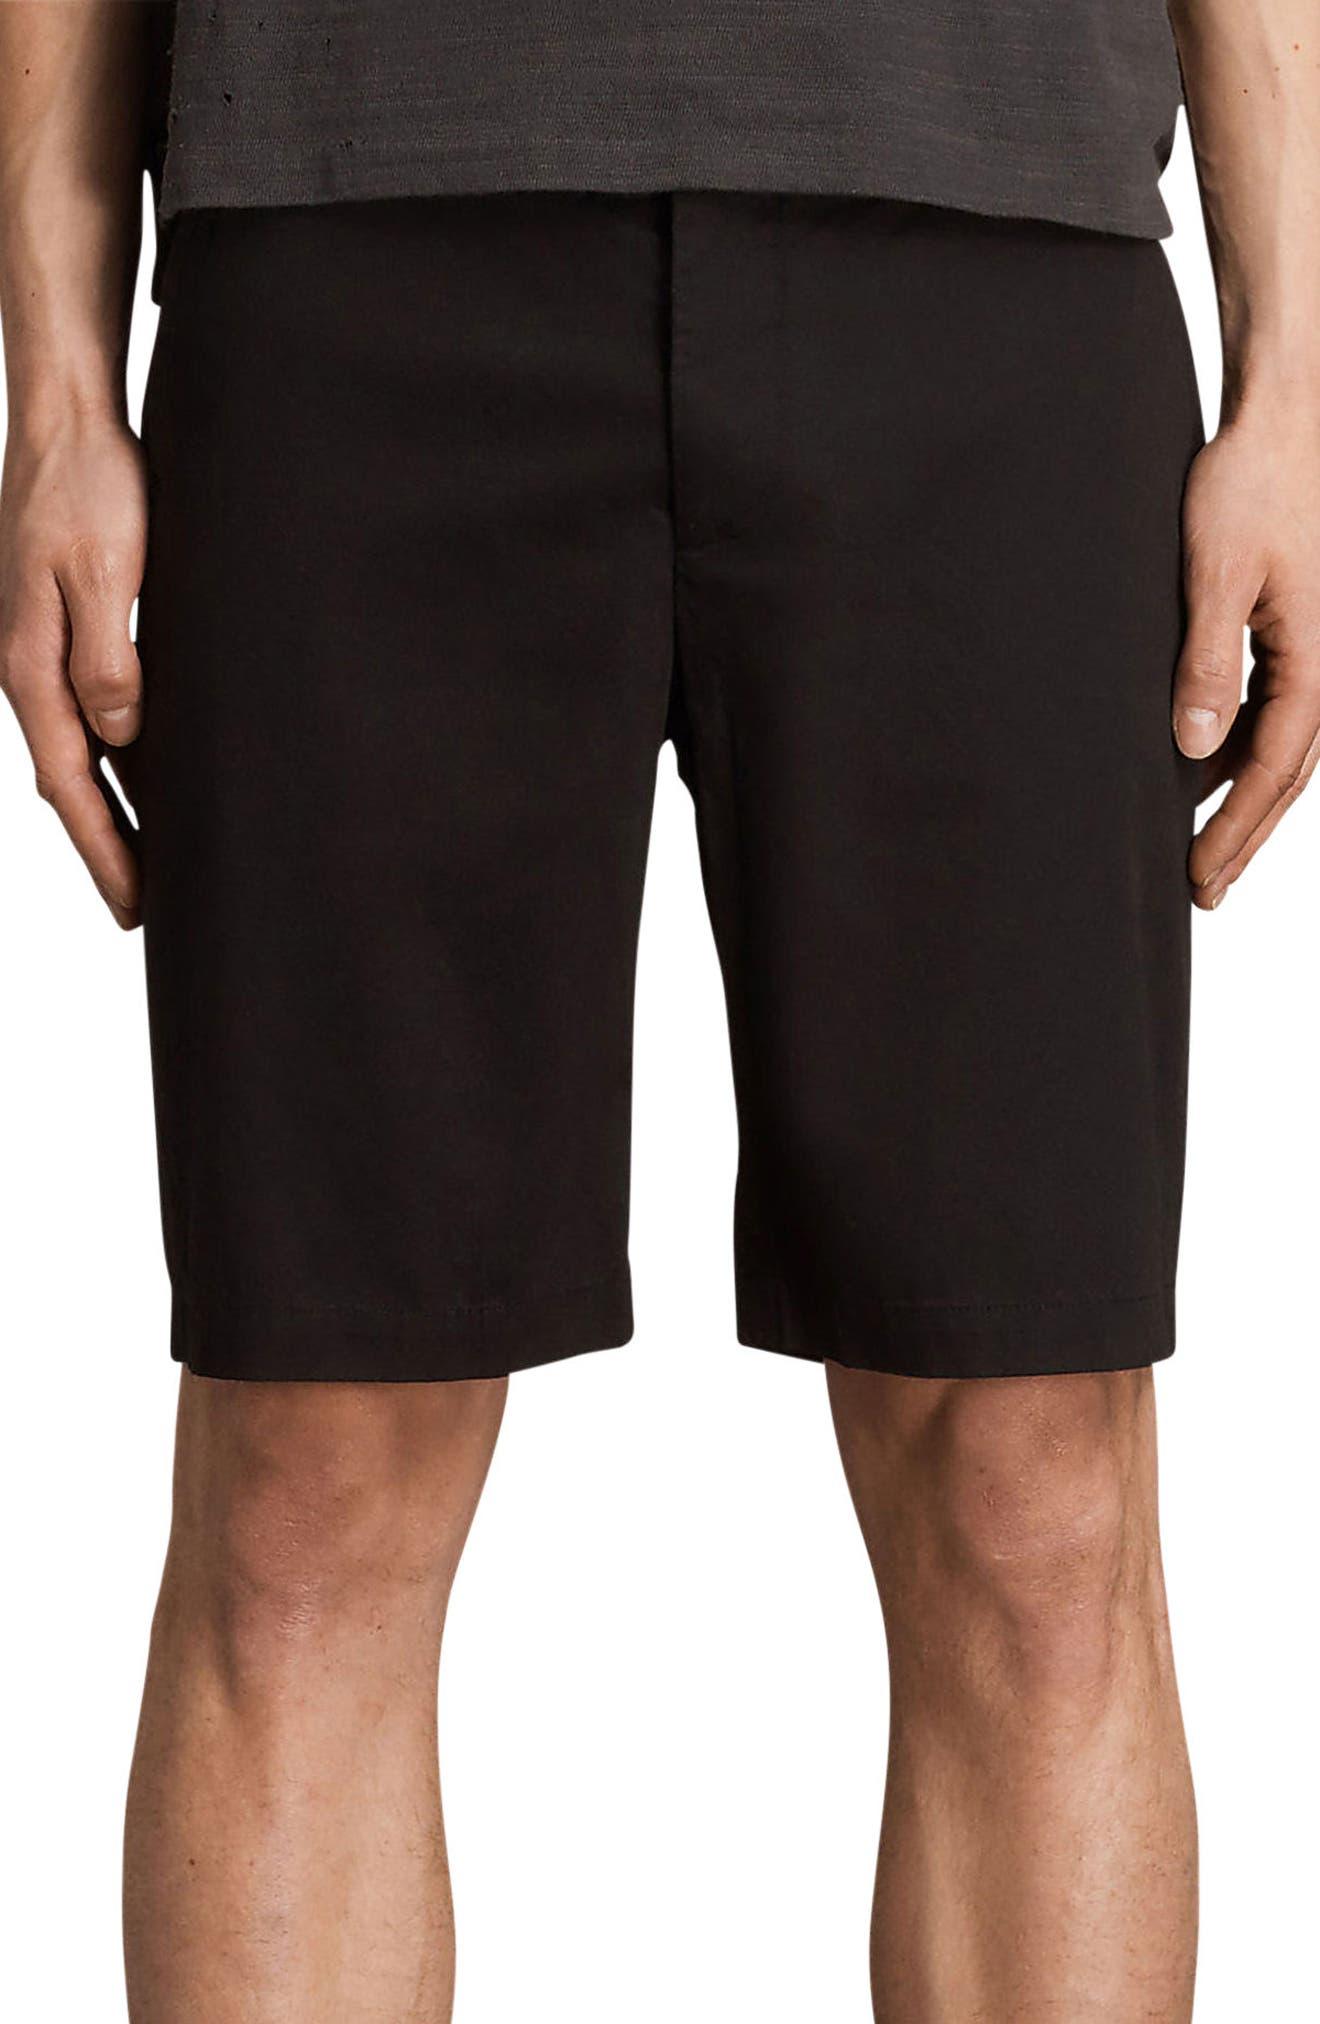 Cobalt Slim Fit Cotton Shorts,                             Main thumbnail 1, color,                             001